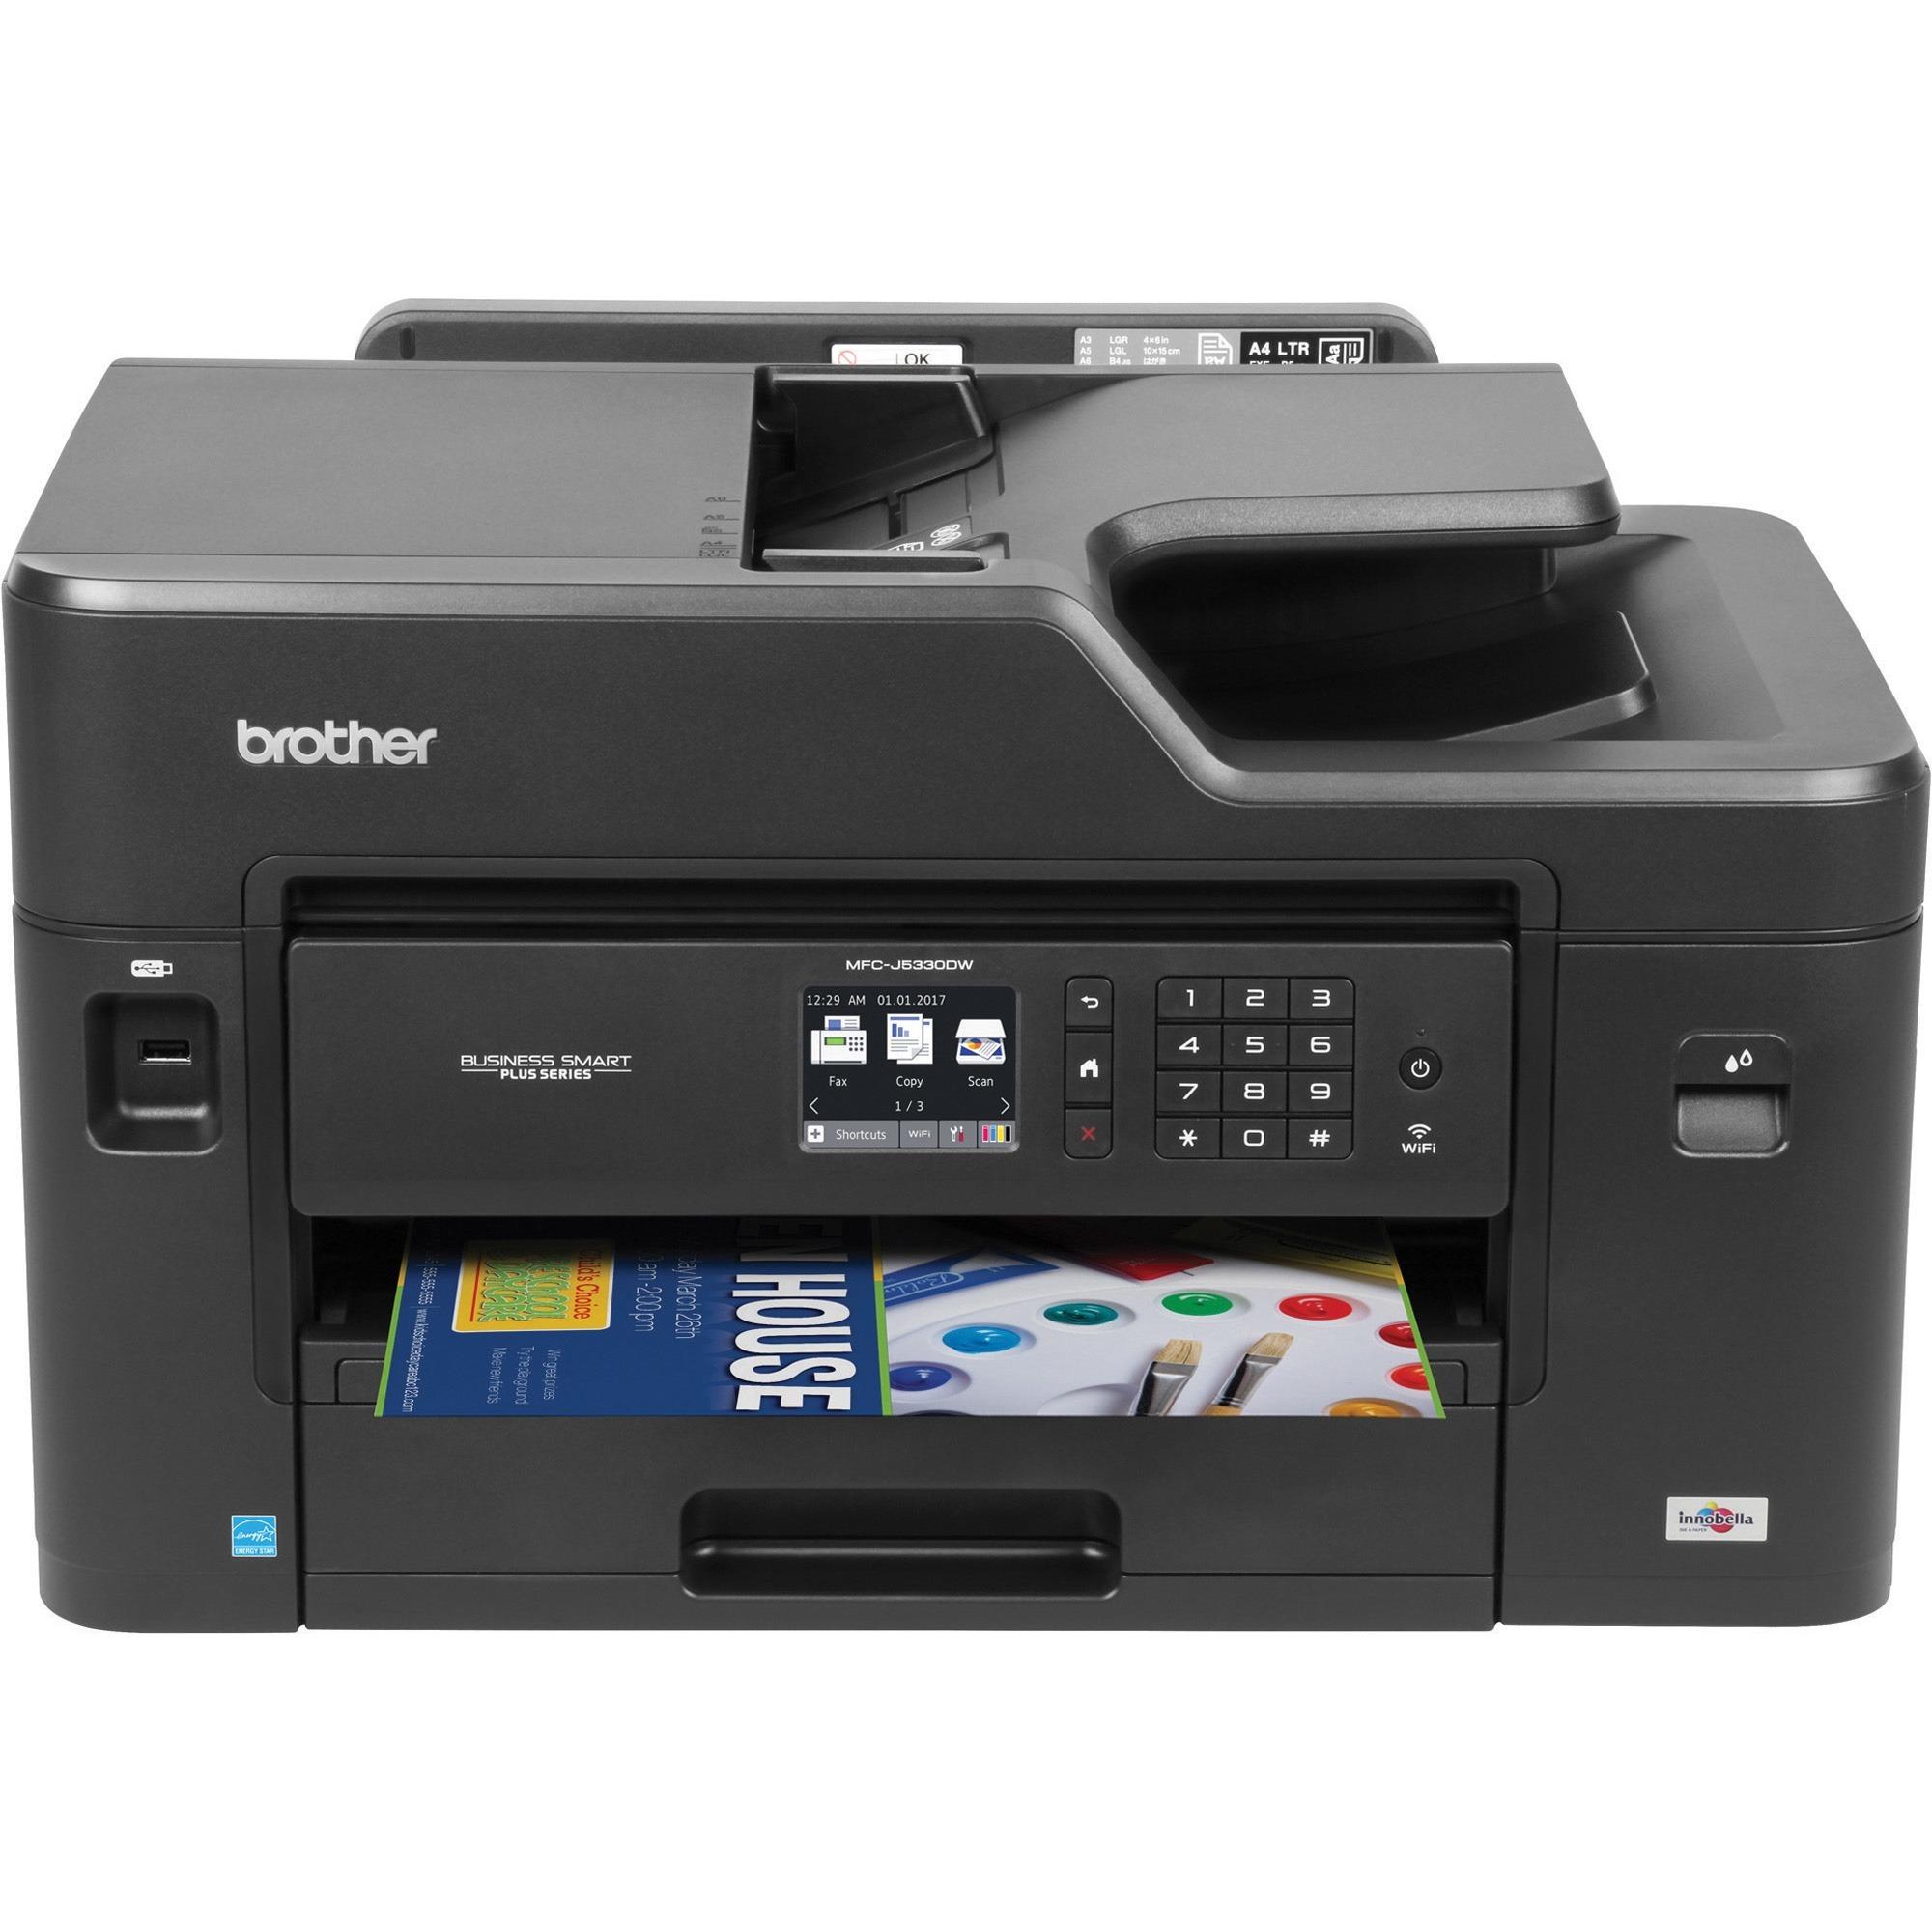 Brother Work Smart Mfc J460dw Inkjet Multifunction Printer Color